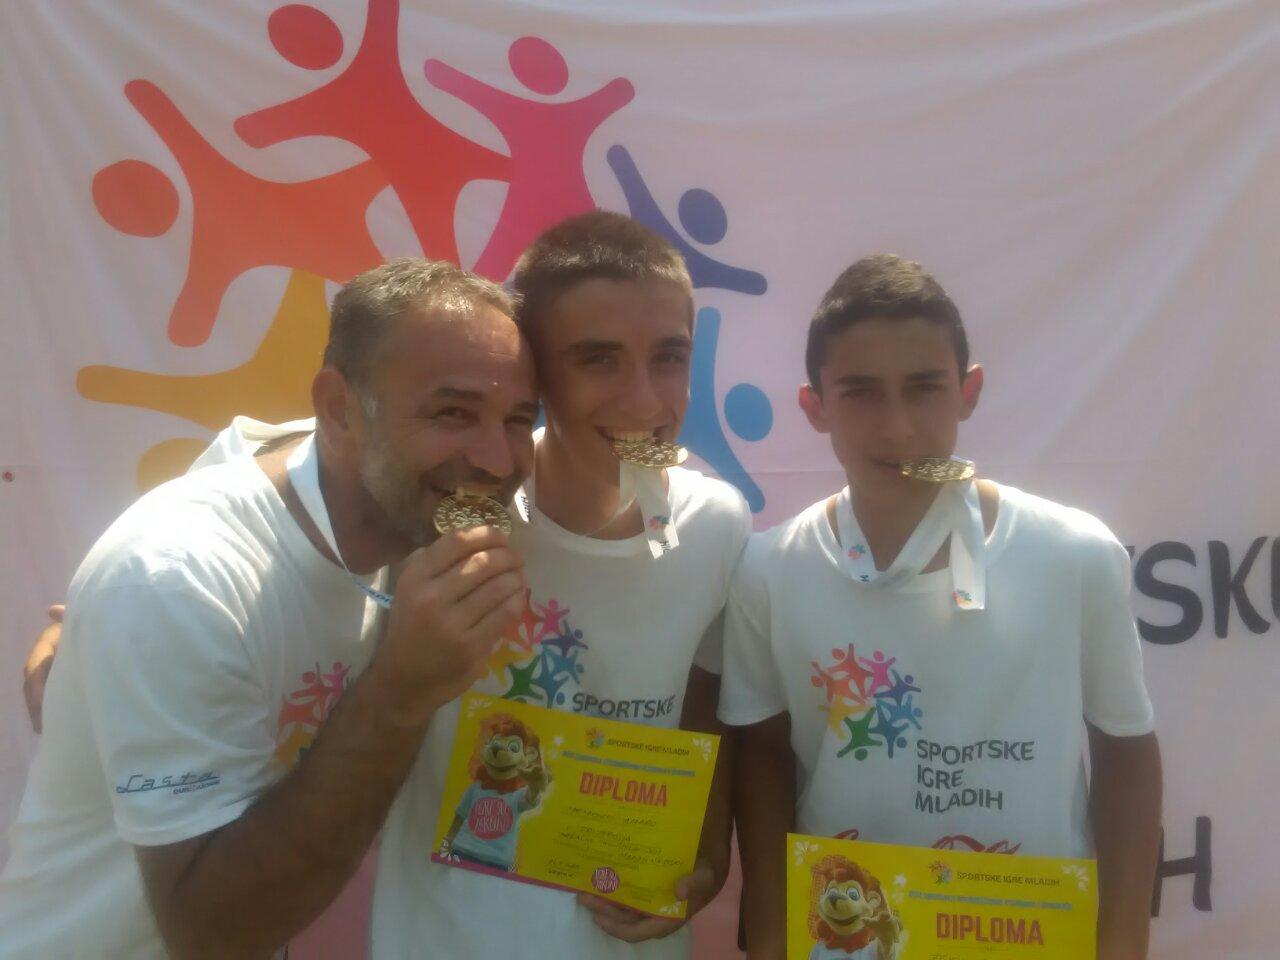 Amar Memović i Omar Zekić predstavljaće Srbiju u bič voleju na finalu Sportskih igara mladih u Splitu